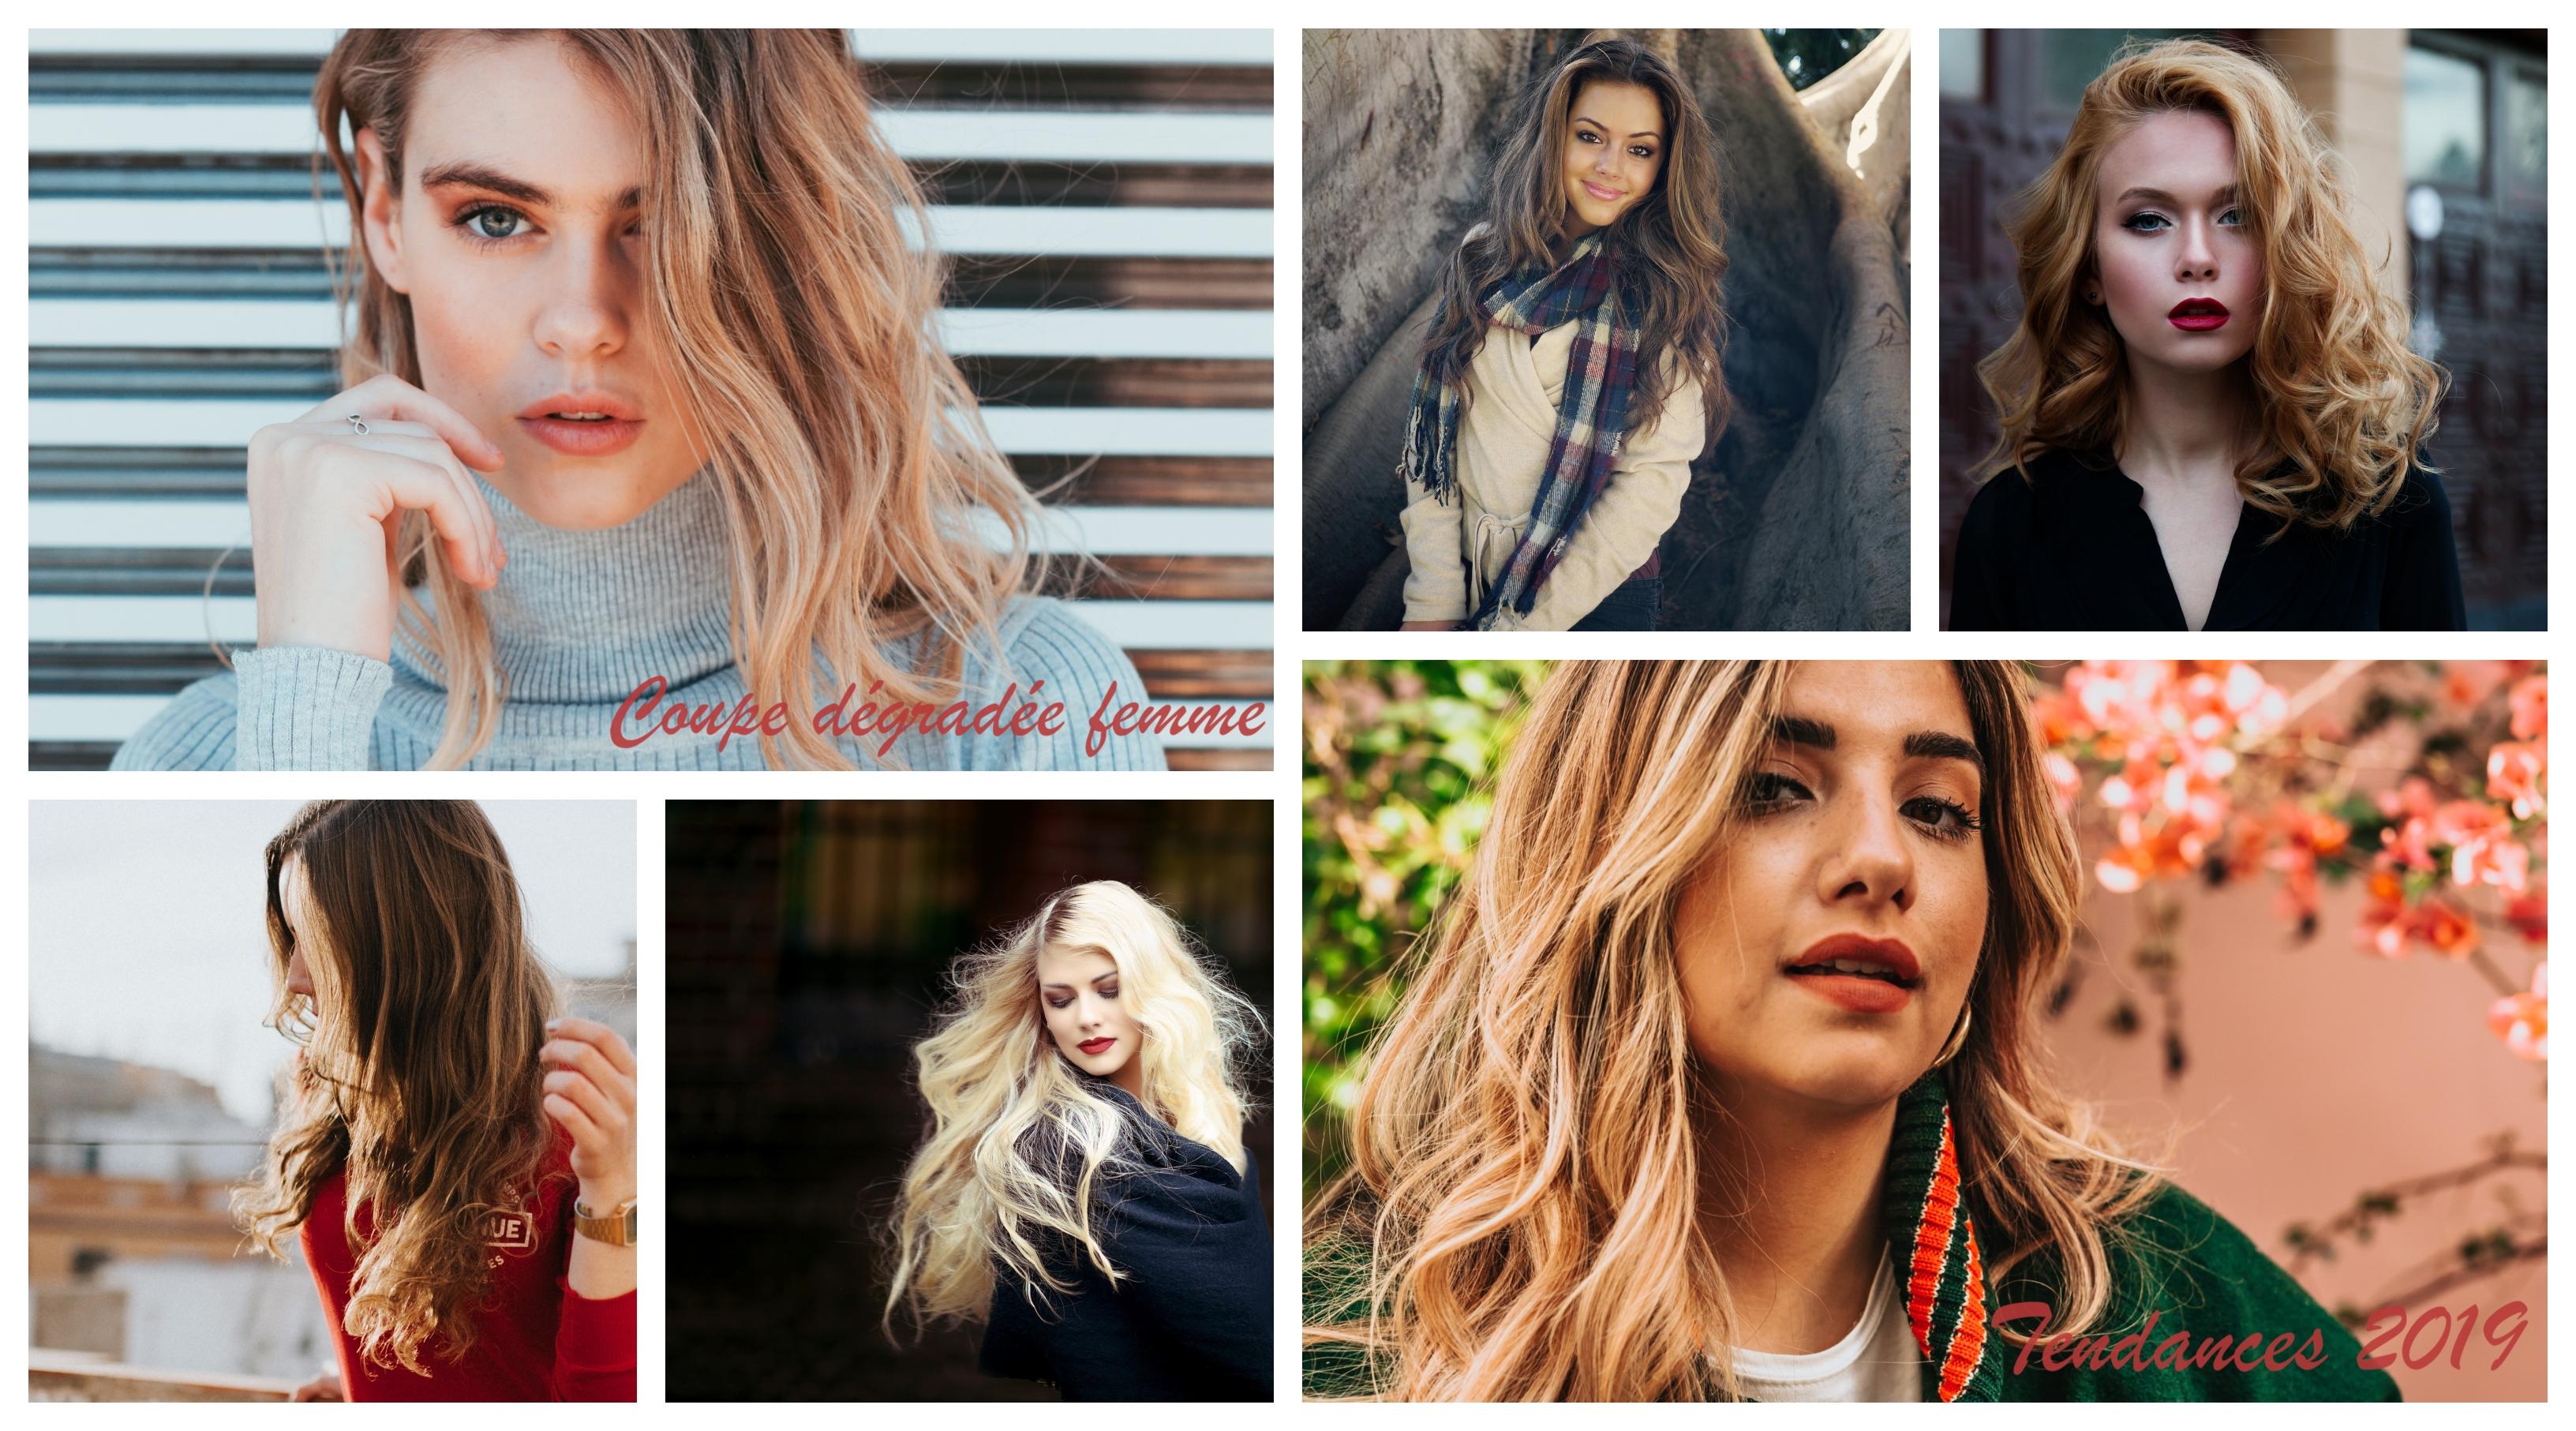 Quelles sont les meilleures idée pour une coupe dégradée femme, moderne coupe de cheveux, collage de photos 2019 meilleures tendances cheveux longs